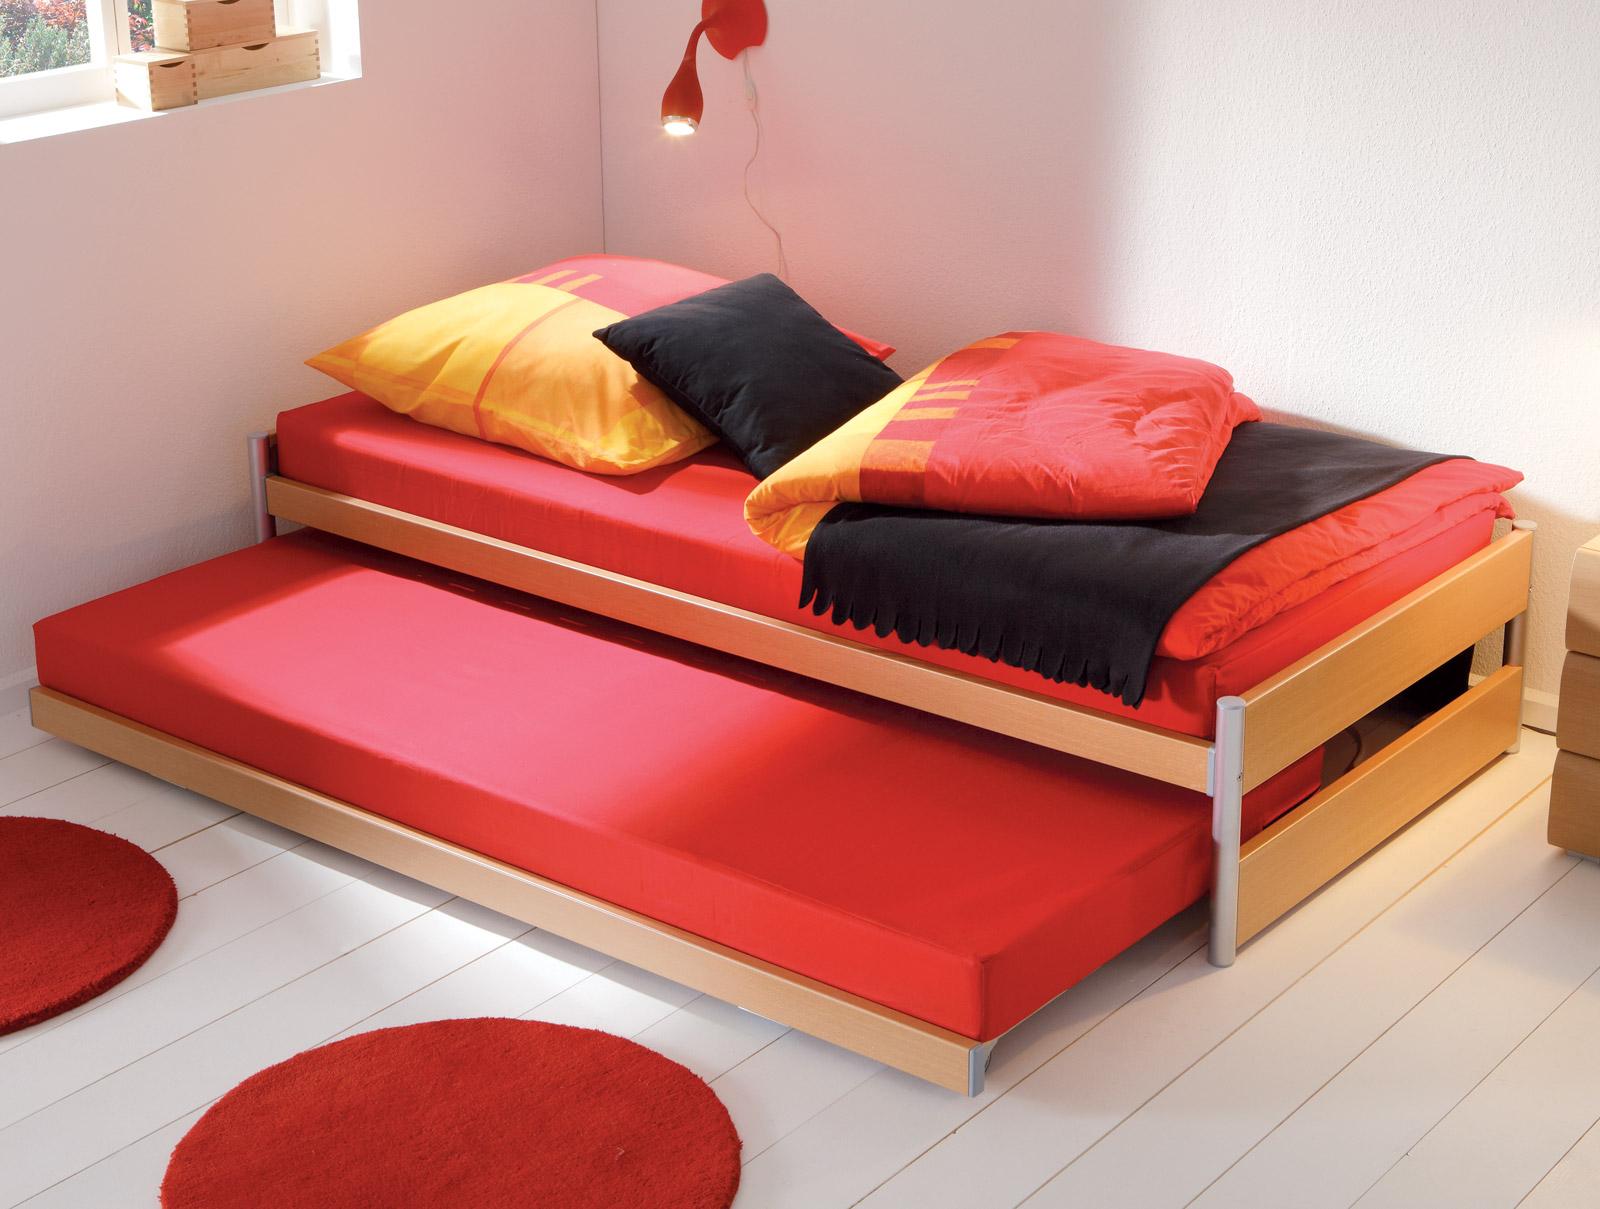 Full Size of Betten Bei Ikea Konzentrationsschwäche Schulkindern Antike Wohnwert Ruf Preise Paradies Billerbeck Günstig Kaufen 180x200 Amerikanische Amazon Küche Bett Betten Bei Ikea